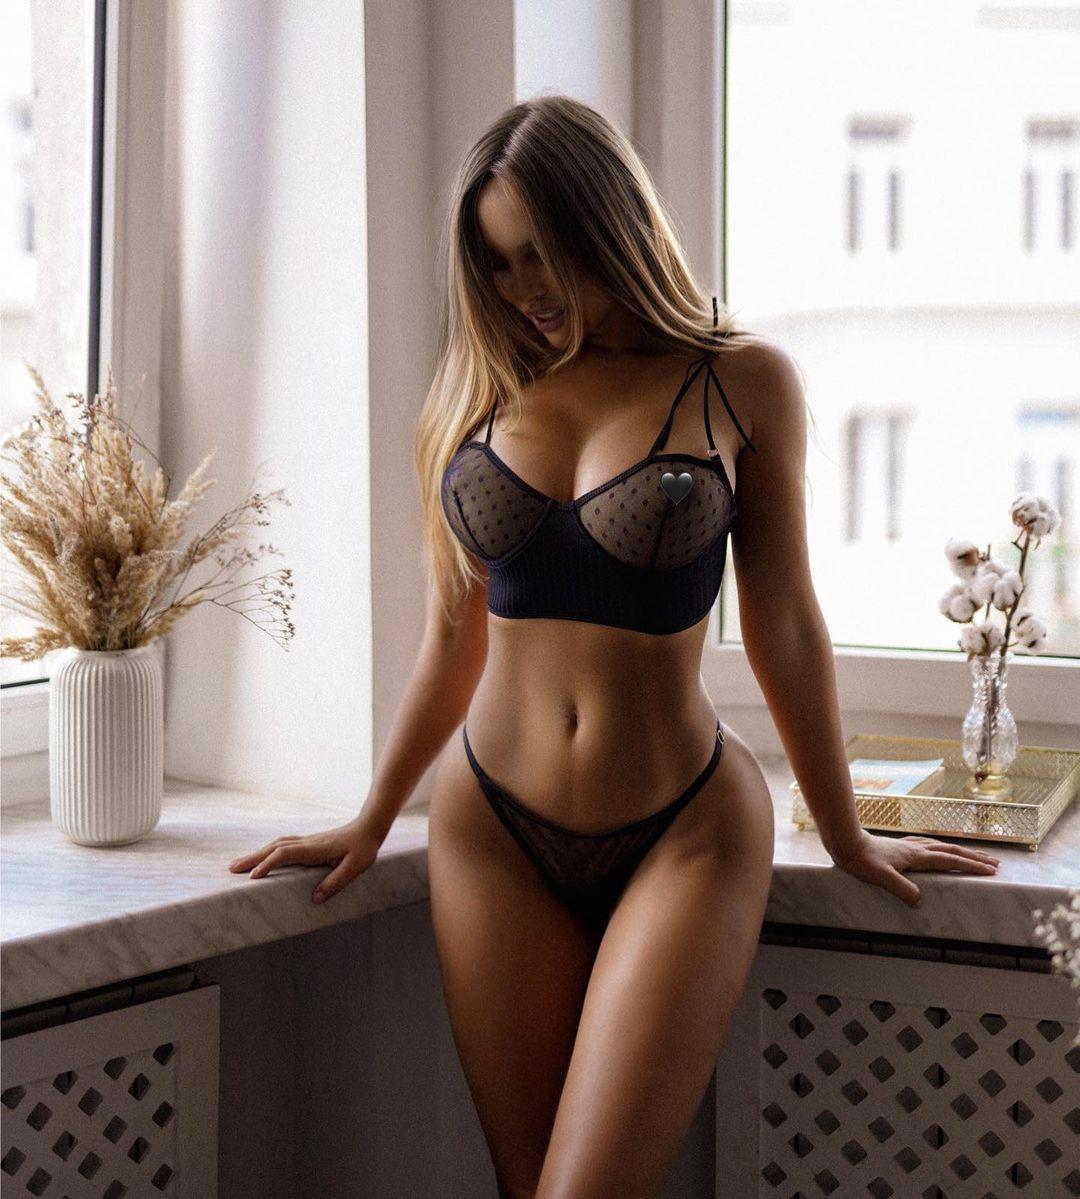 Модель показала пікантне фото / instagram.com/veronicabielik